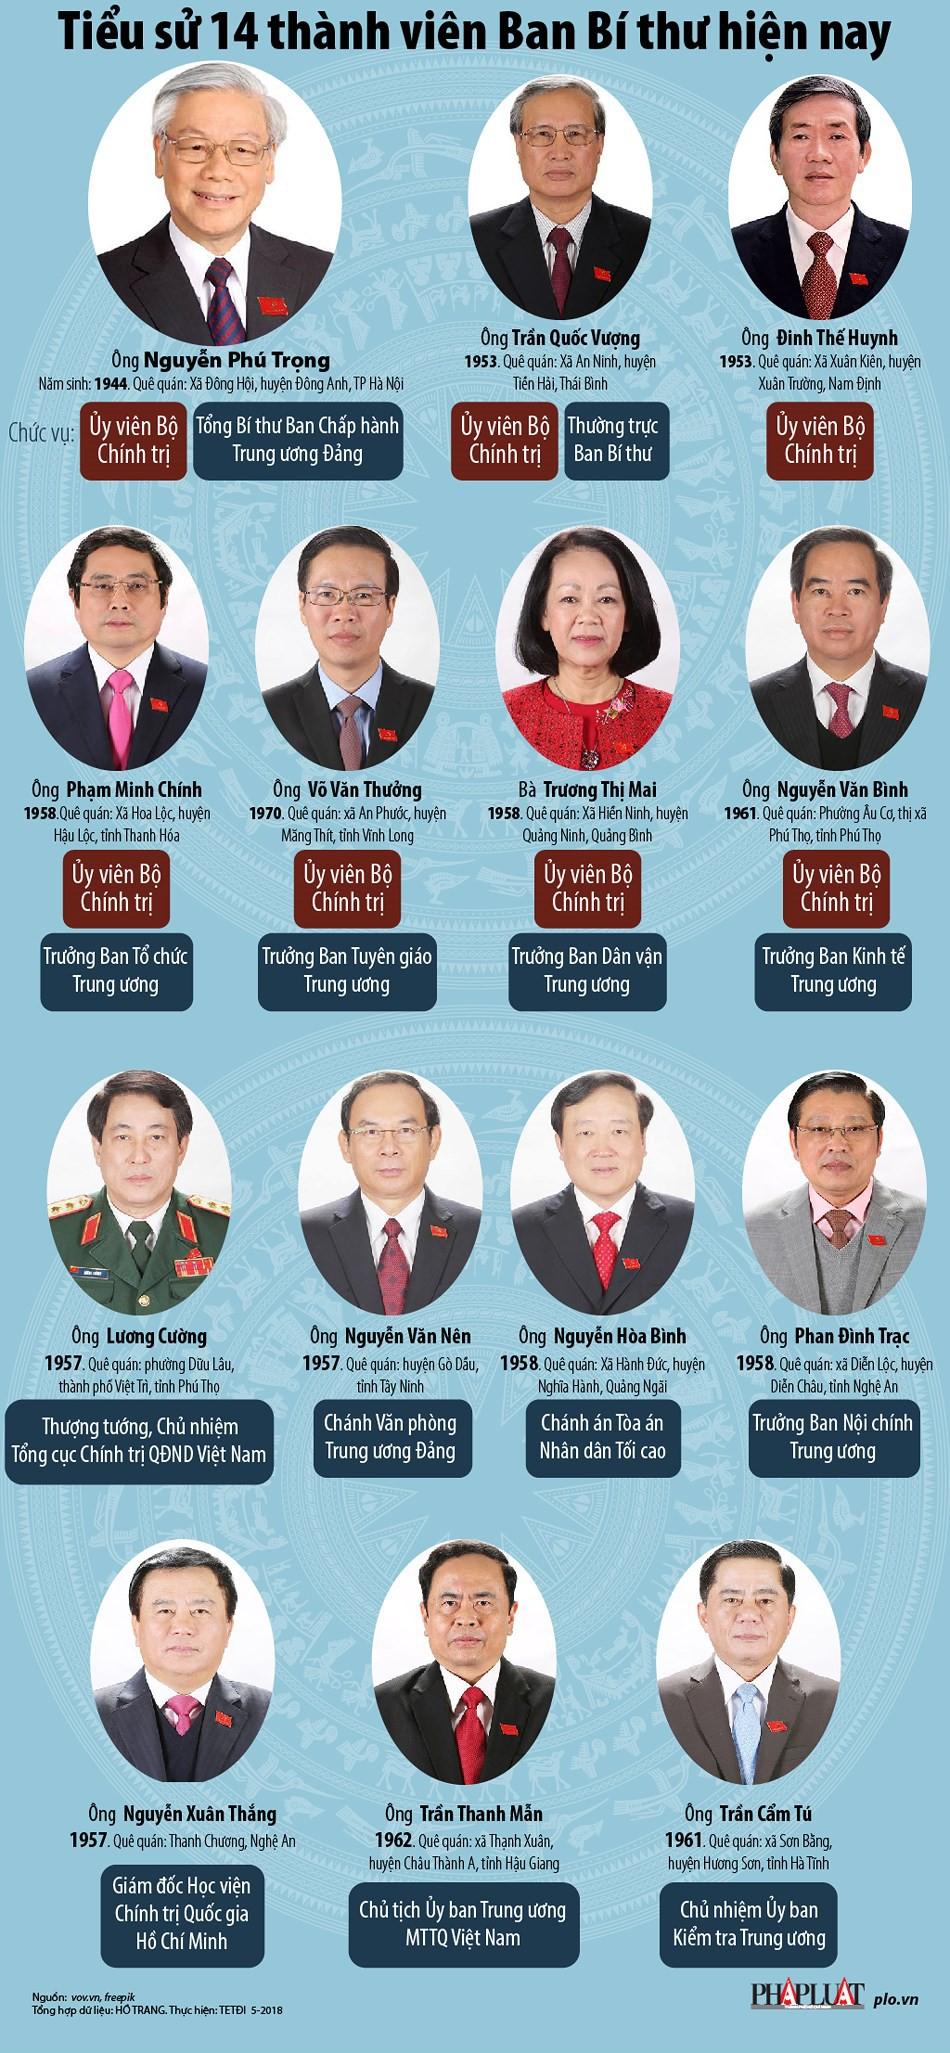 Infographic: Chân dung 14 thành viên Ban Bí thư hiện nay - Ảnh 1.